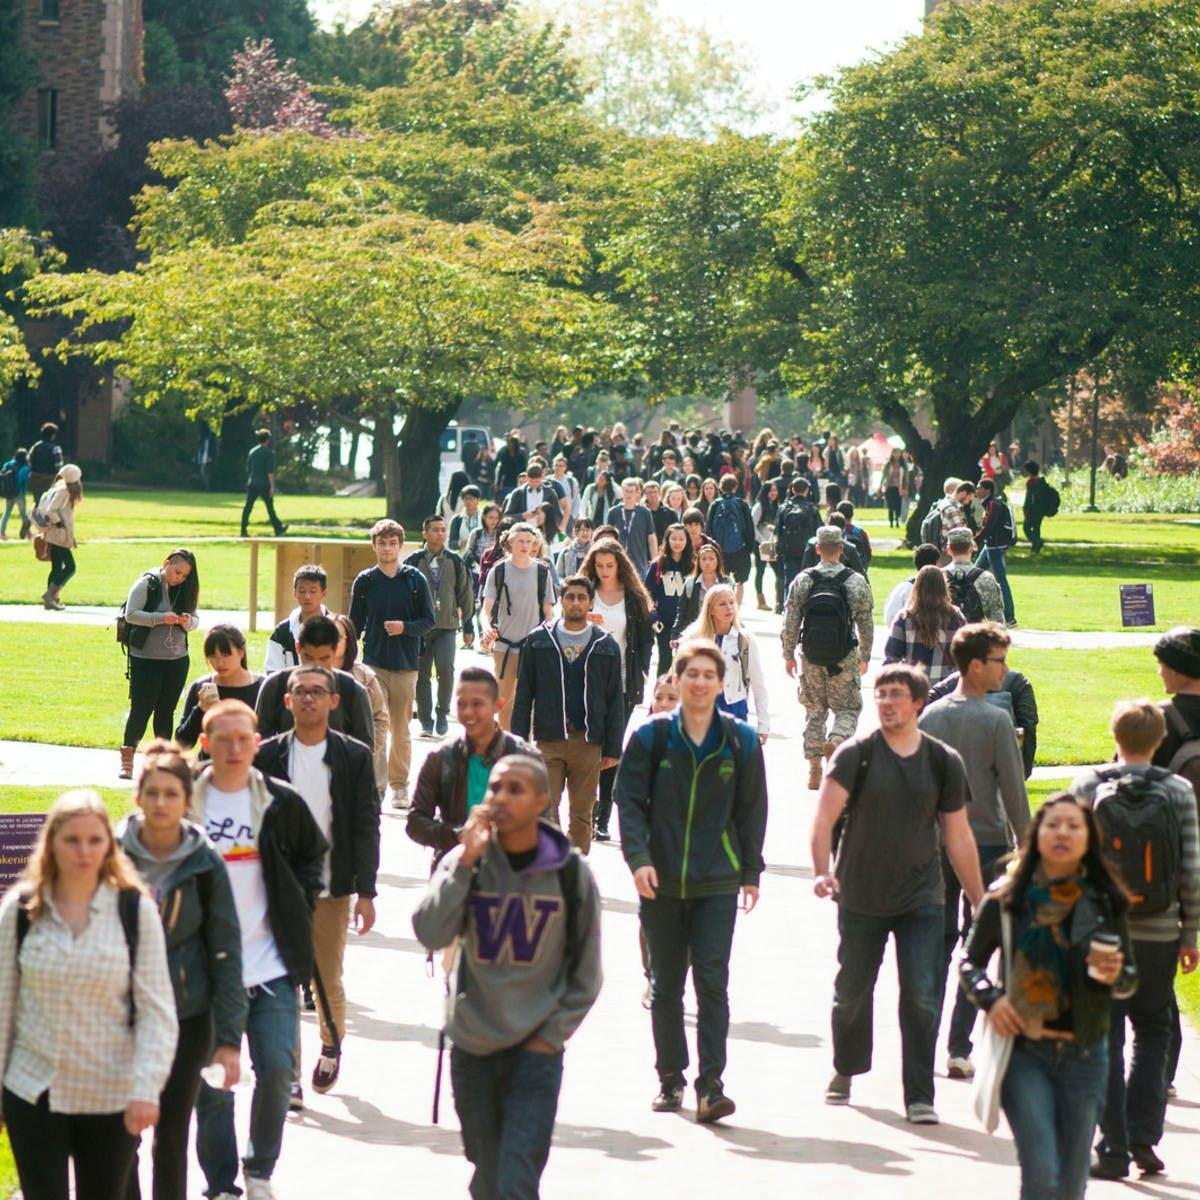 U101:了解大学和大学生活